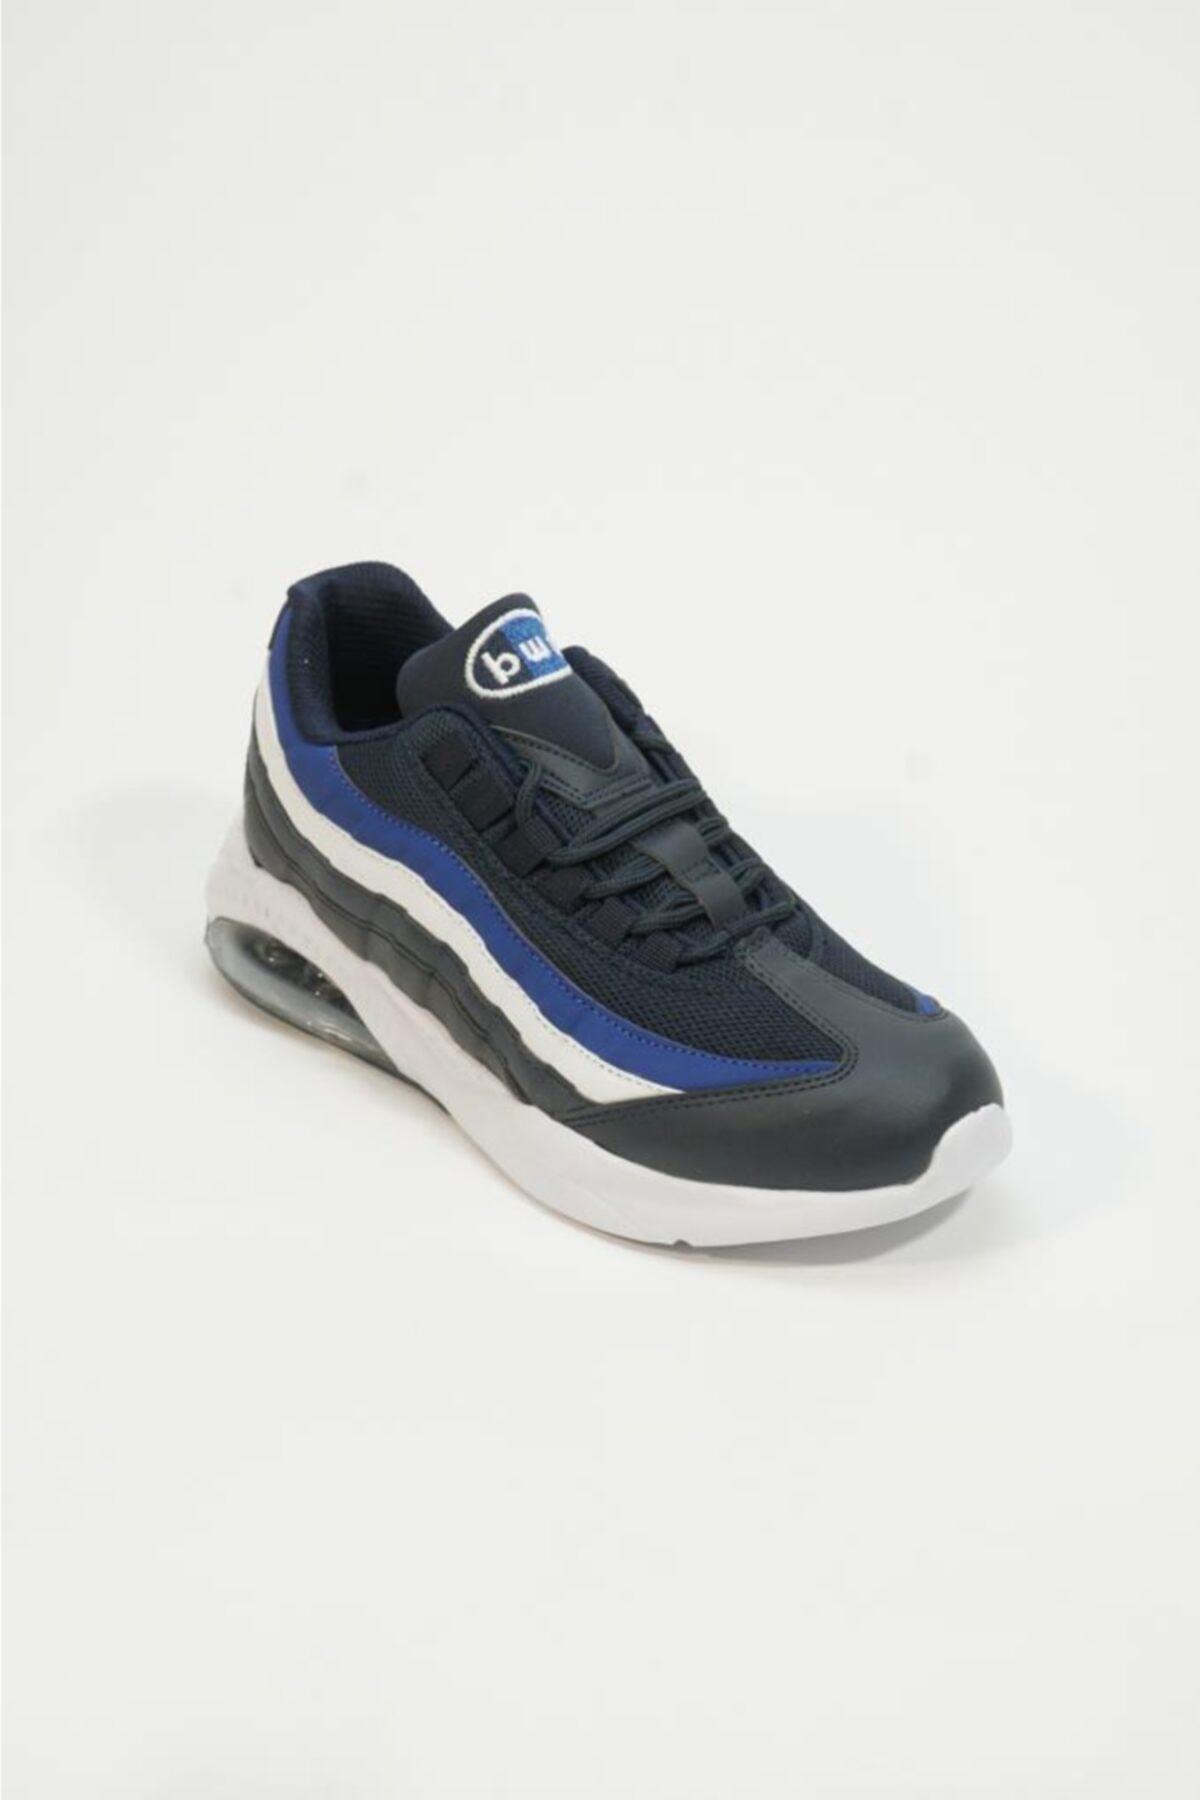 Bewild M1973 Lacivert Erkek Spor Ayakkabı 1